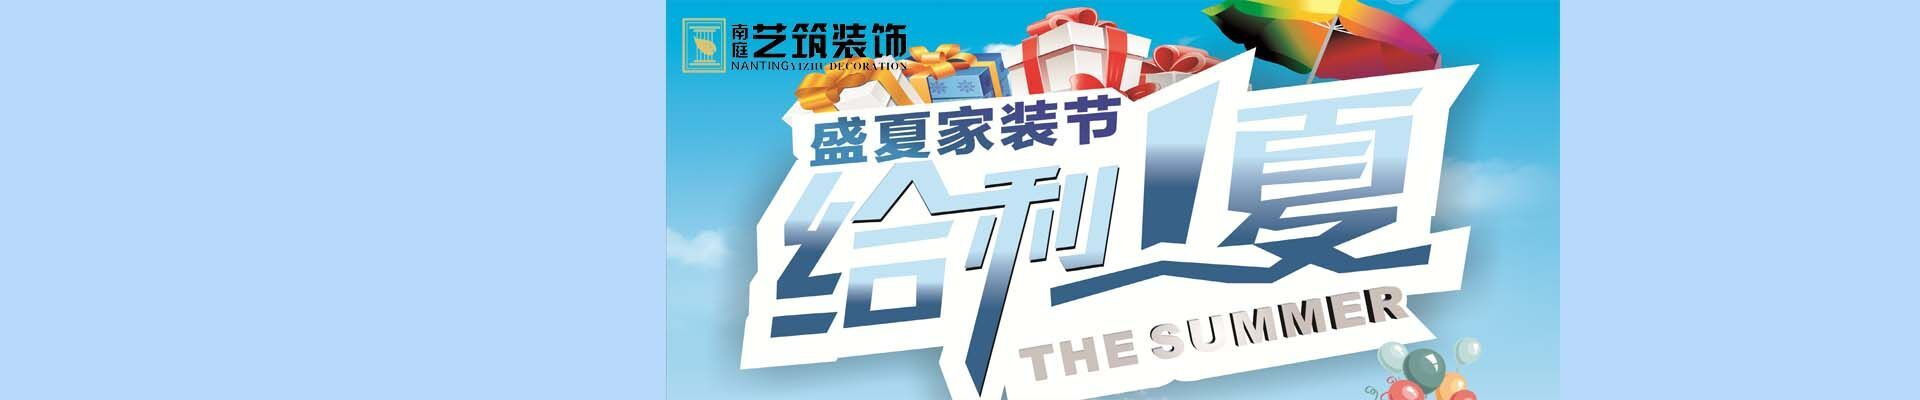 南庭艺筑装饰工程设计有限公司桂林分公司